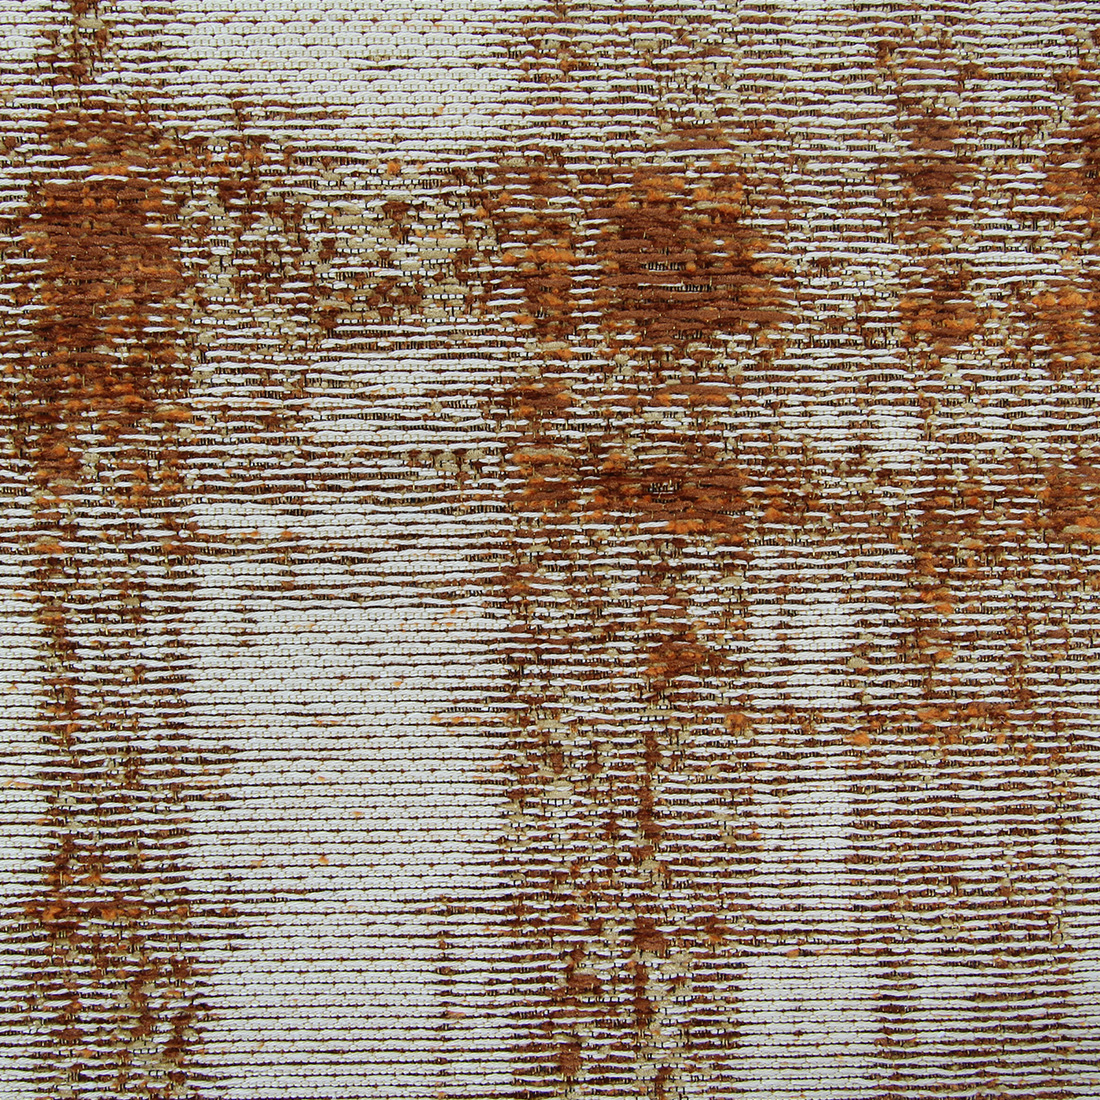 Vloerkleed Brinker Grunge Rust | 240 x 340 cm